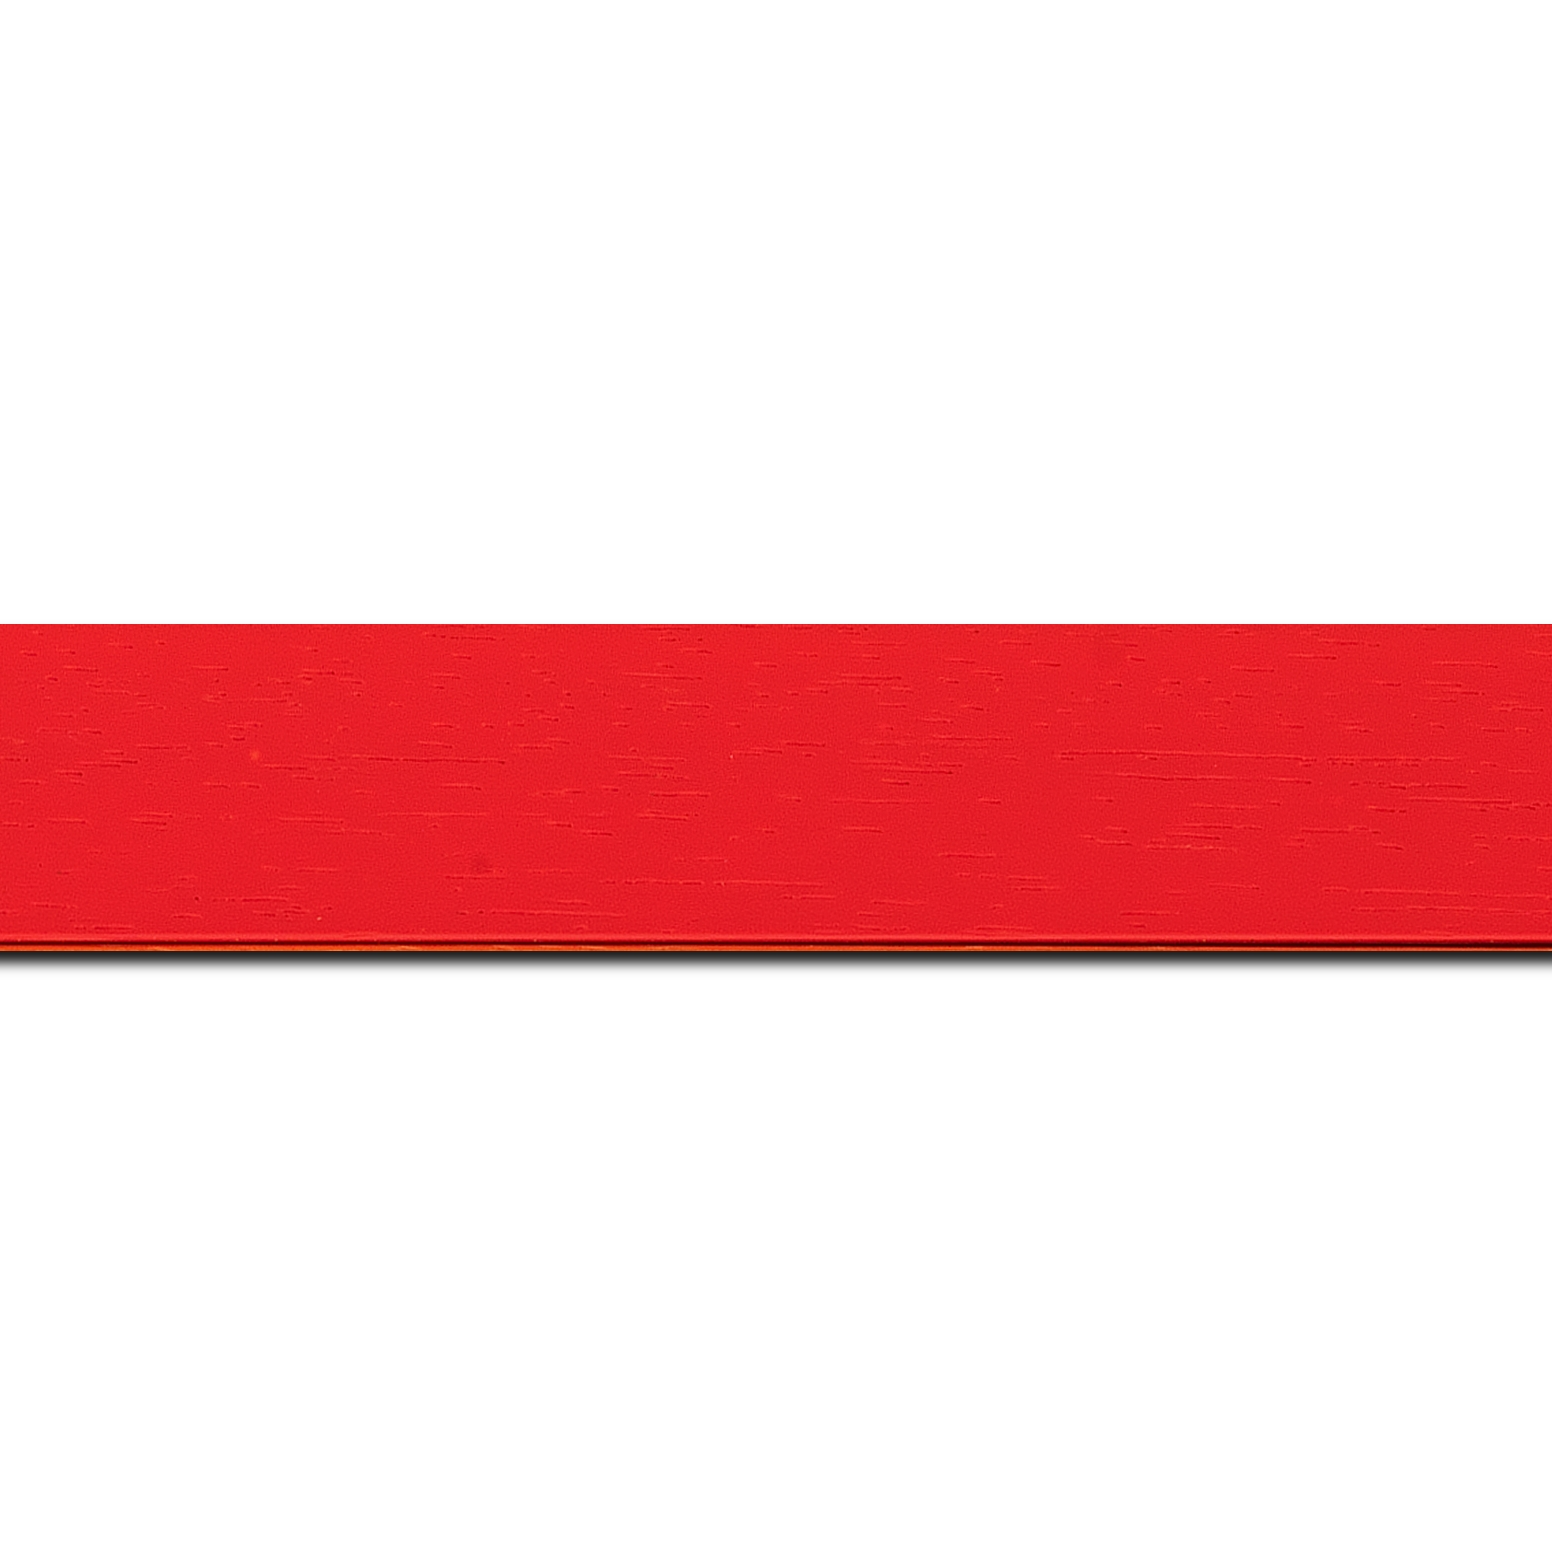 Baguette longueur 1.40m bois profil plat largeur 3cm couleur rouge tonique satiné